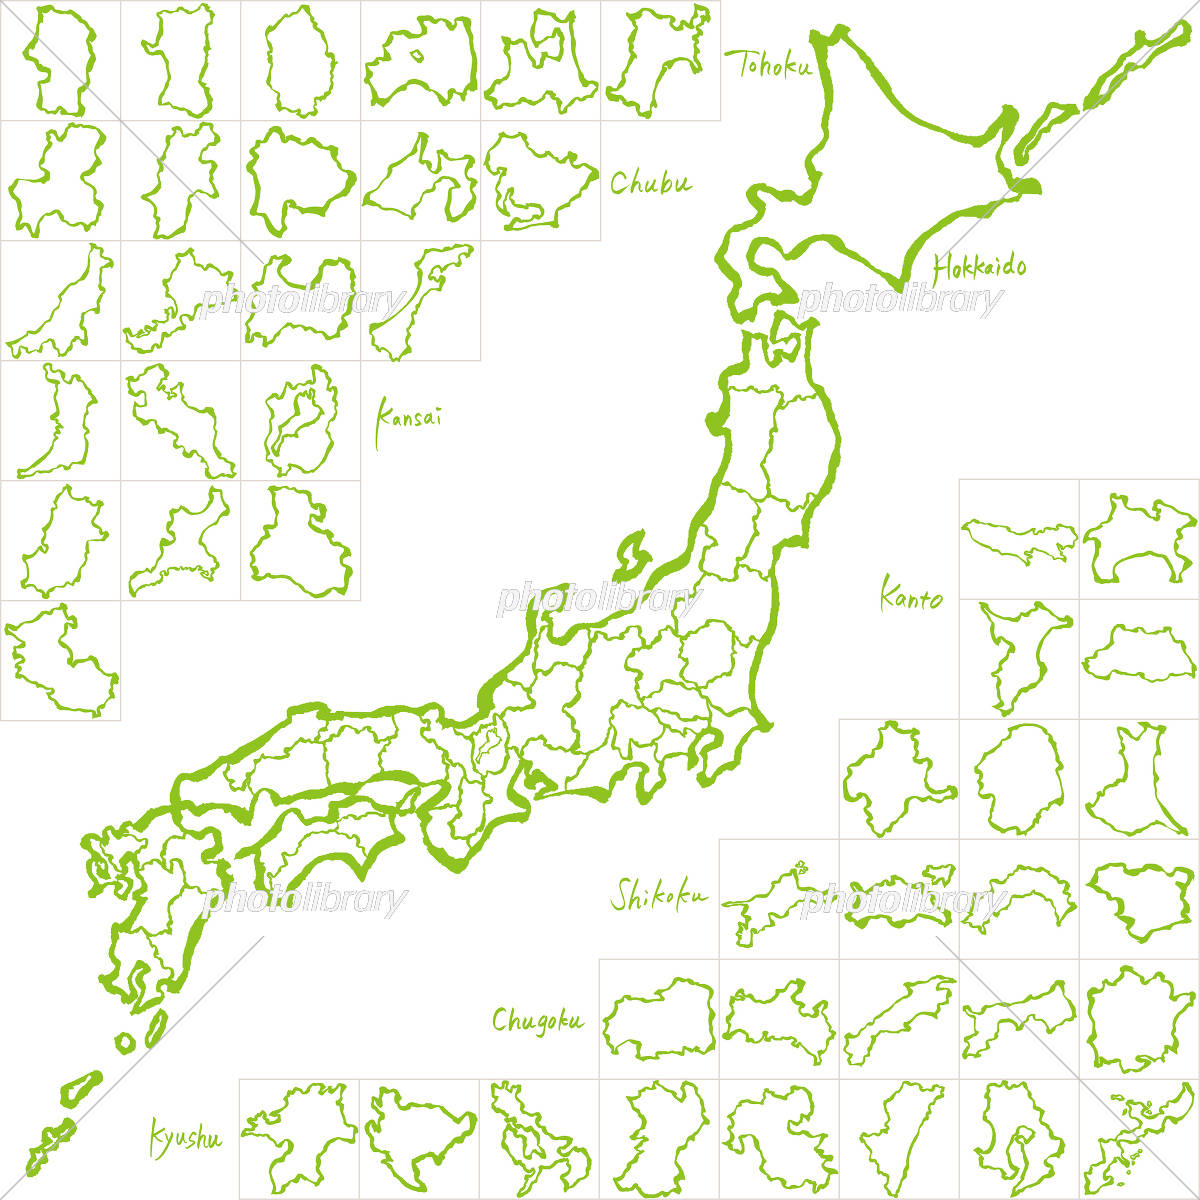 日本 地図 都 道府県